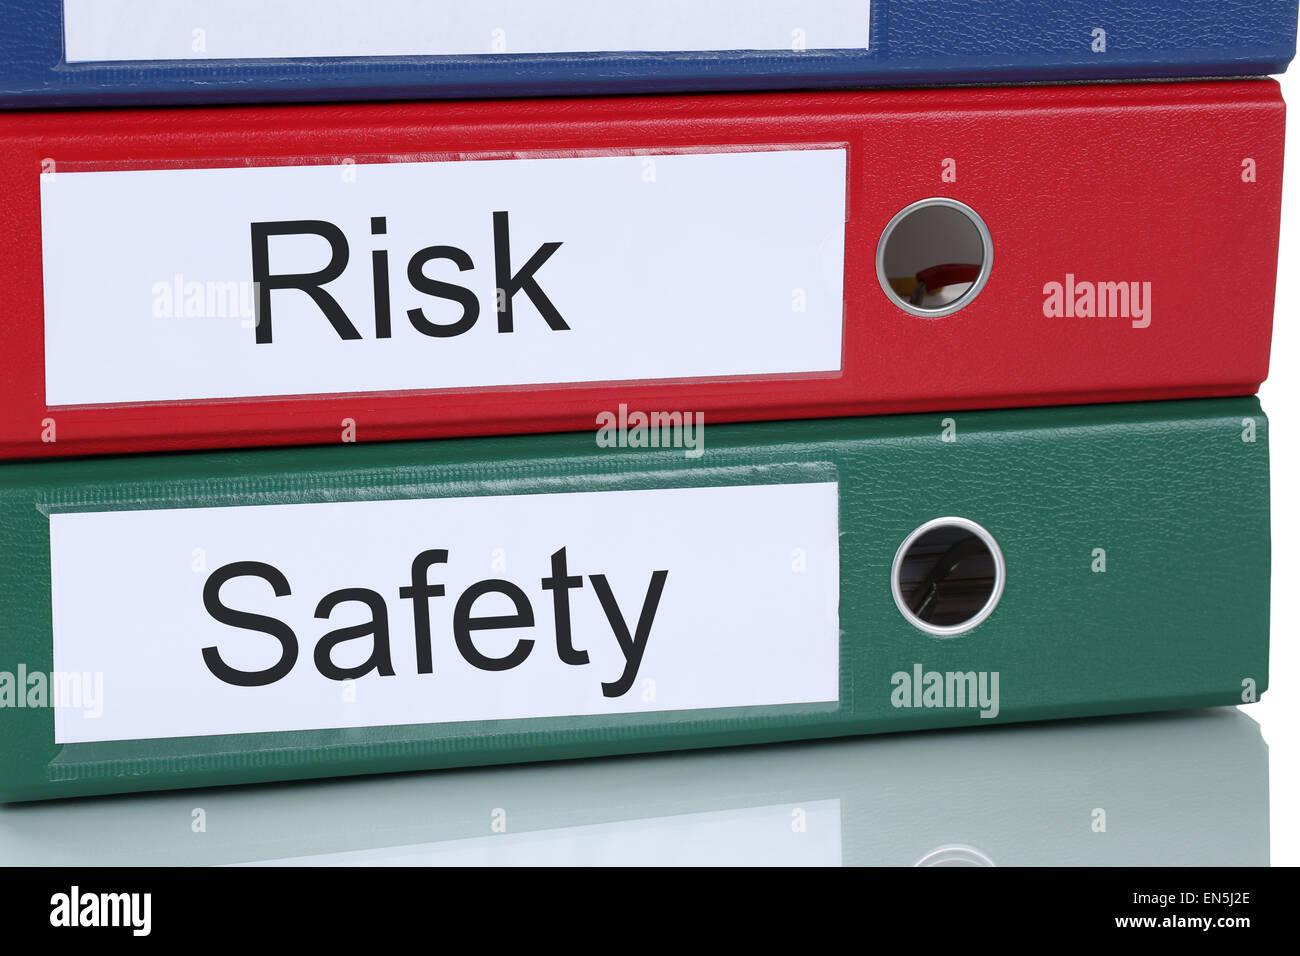 L'analyse de la gestion des risques et de la sécurité dans l'évaluation du concept d'entreprise de l'entreprise Banque D'Images